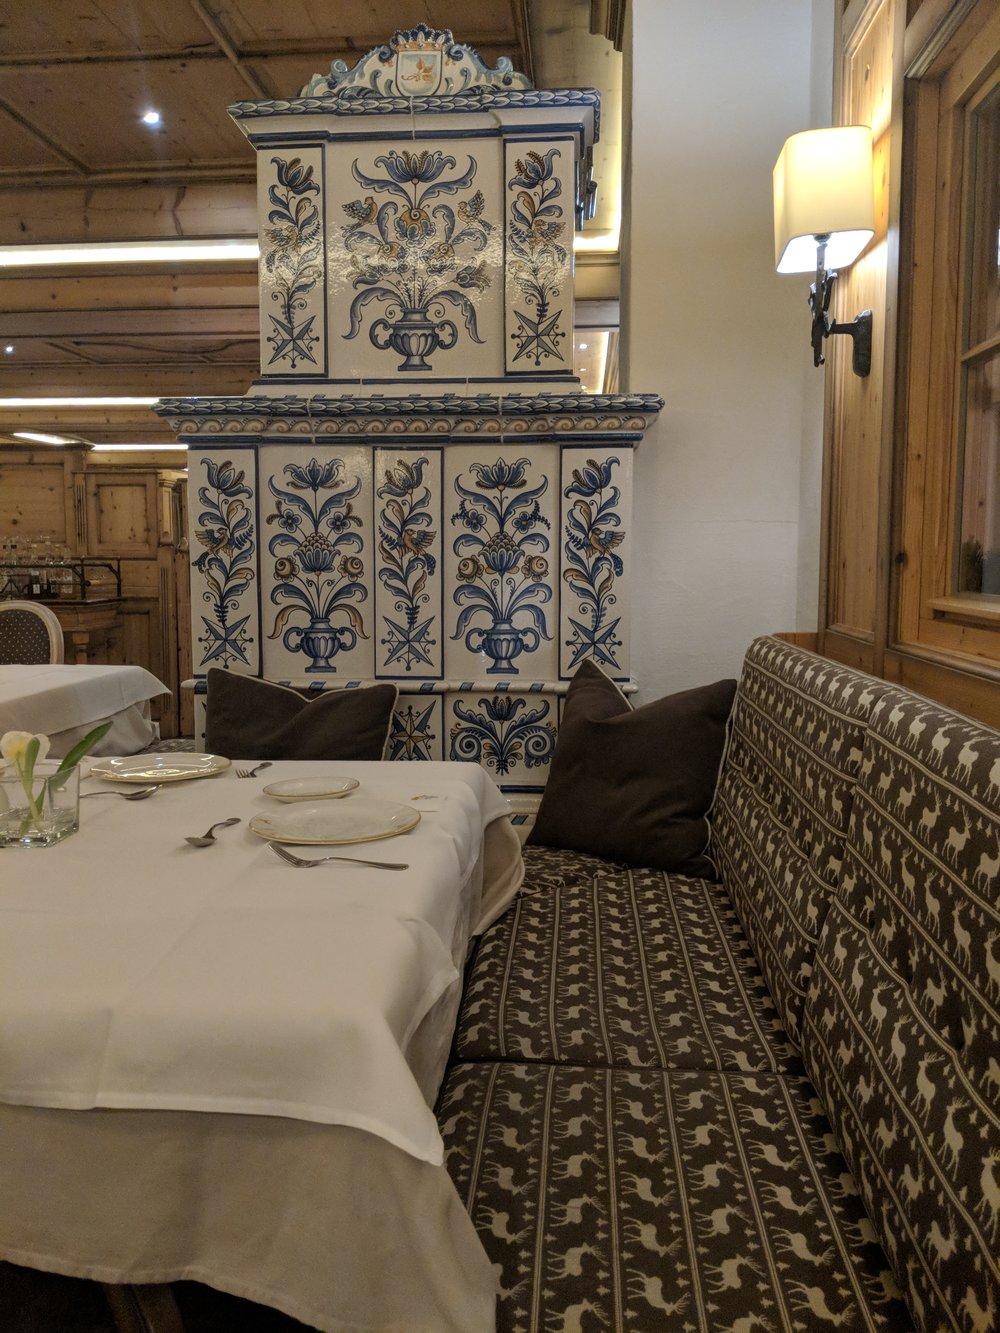 grossrler_restaurant_hall.jpg